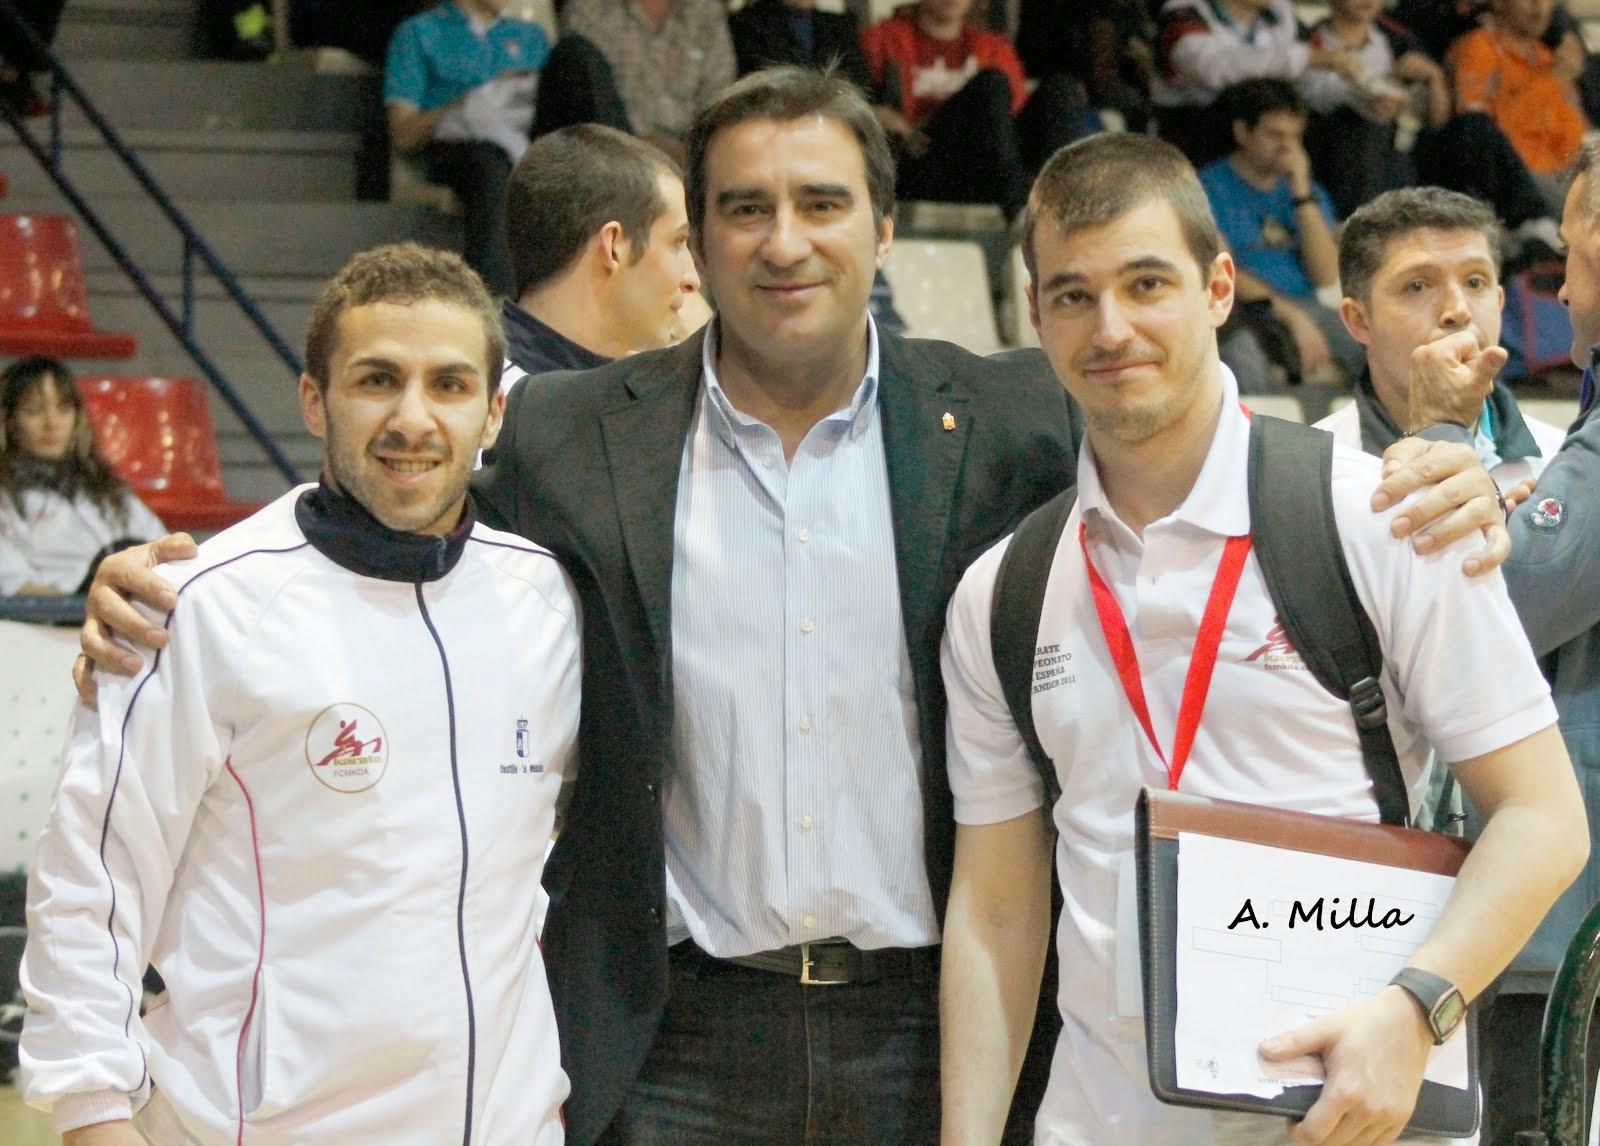 Matias, Vicente y Julio Cuadra